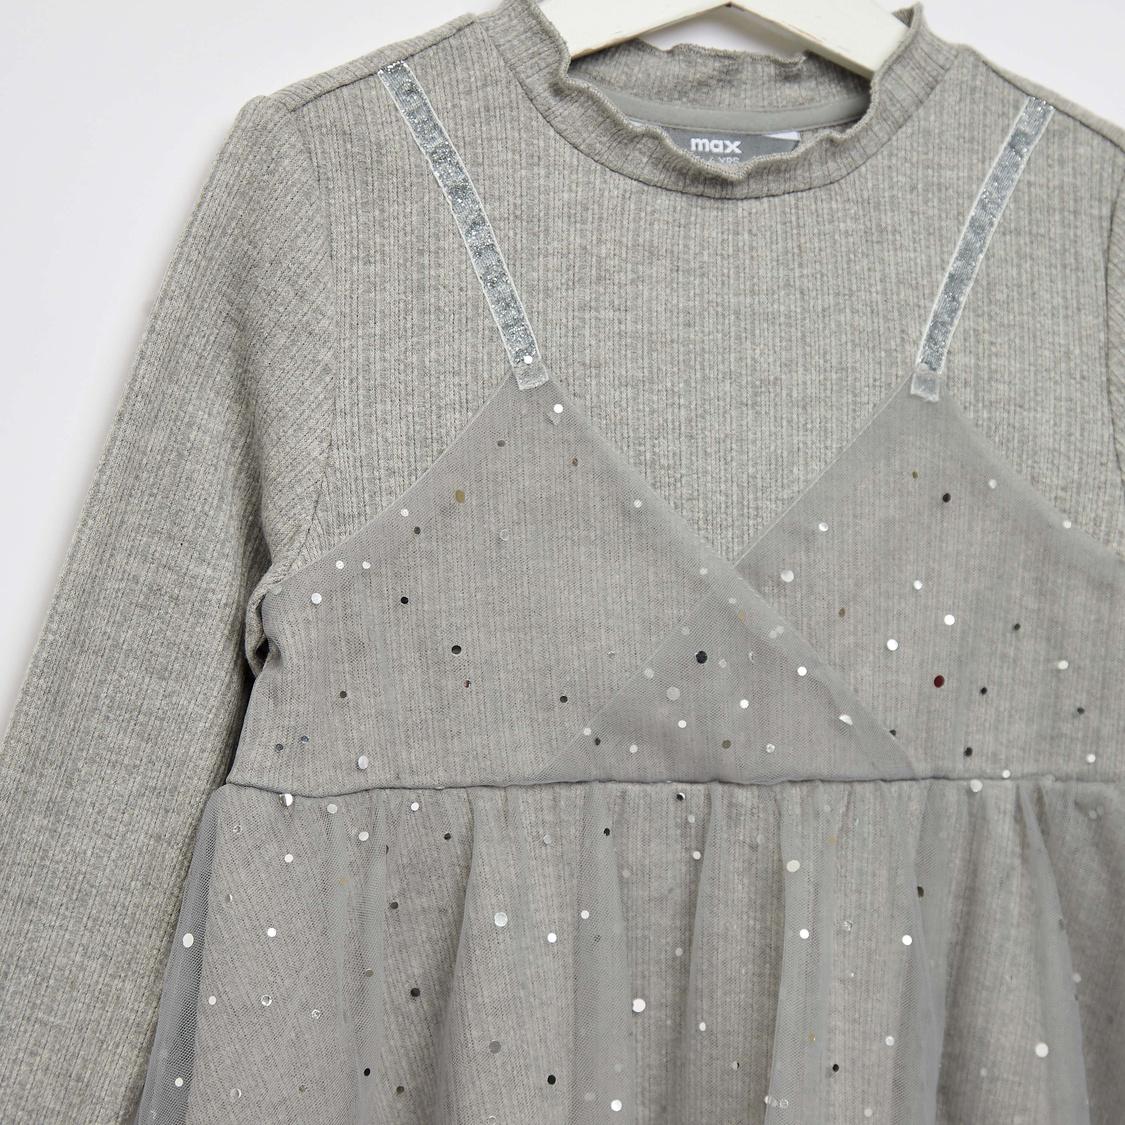 Embellished Long Sleeves Tutu Dress with Ruffle Detailed Neck